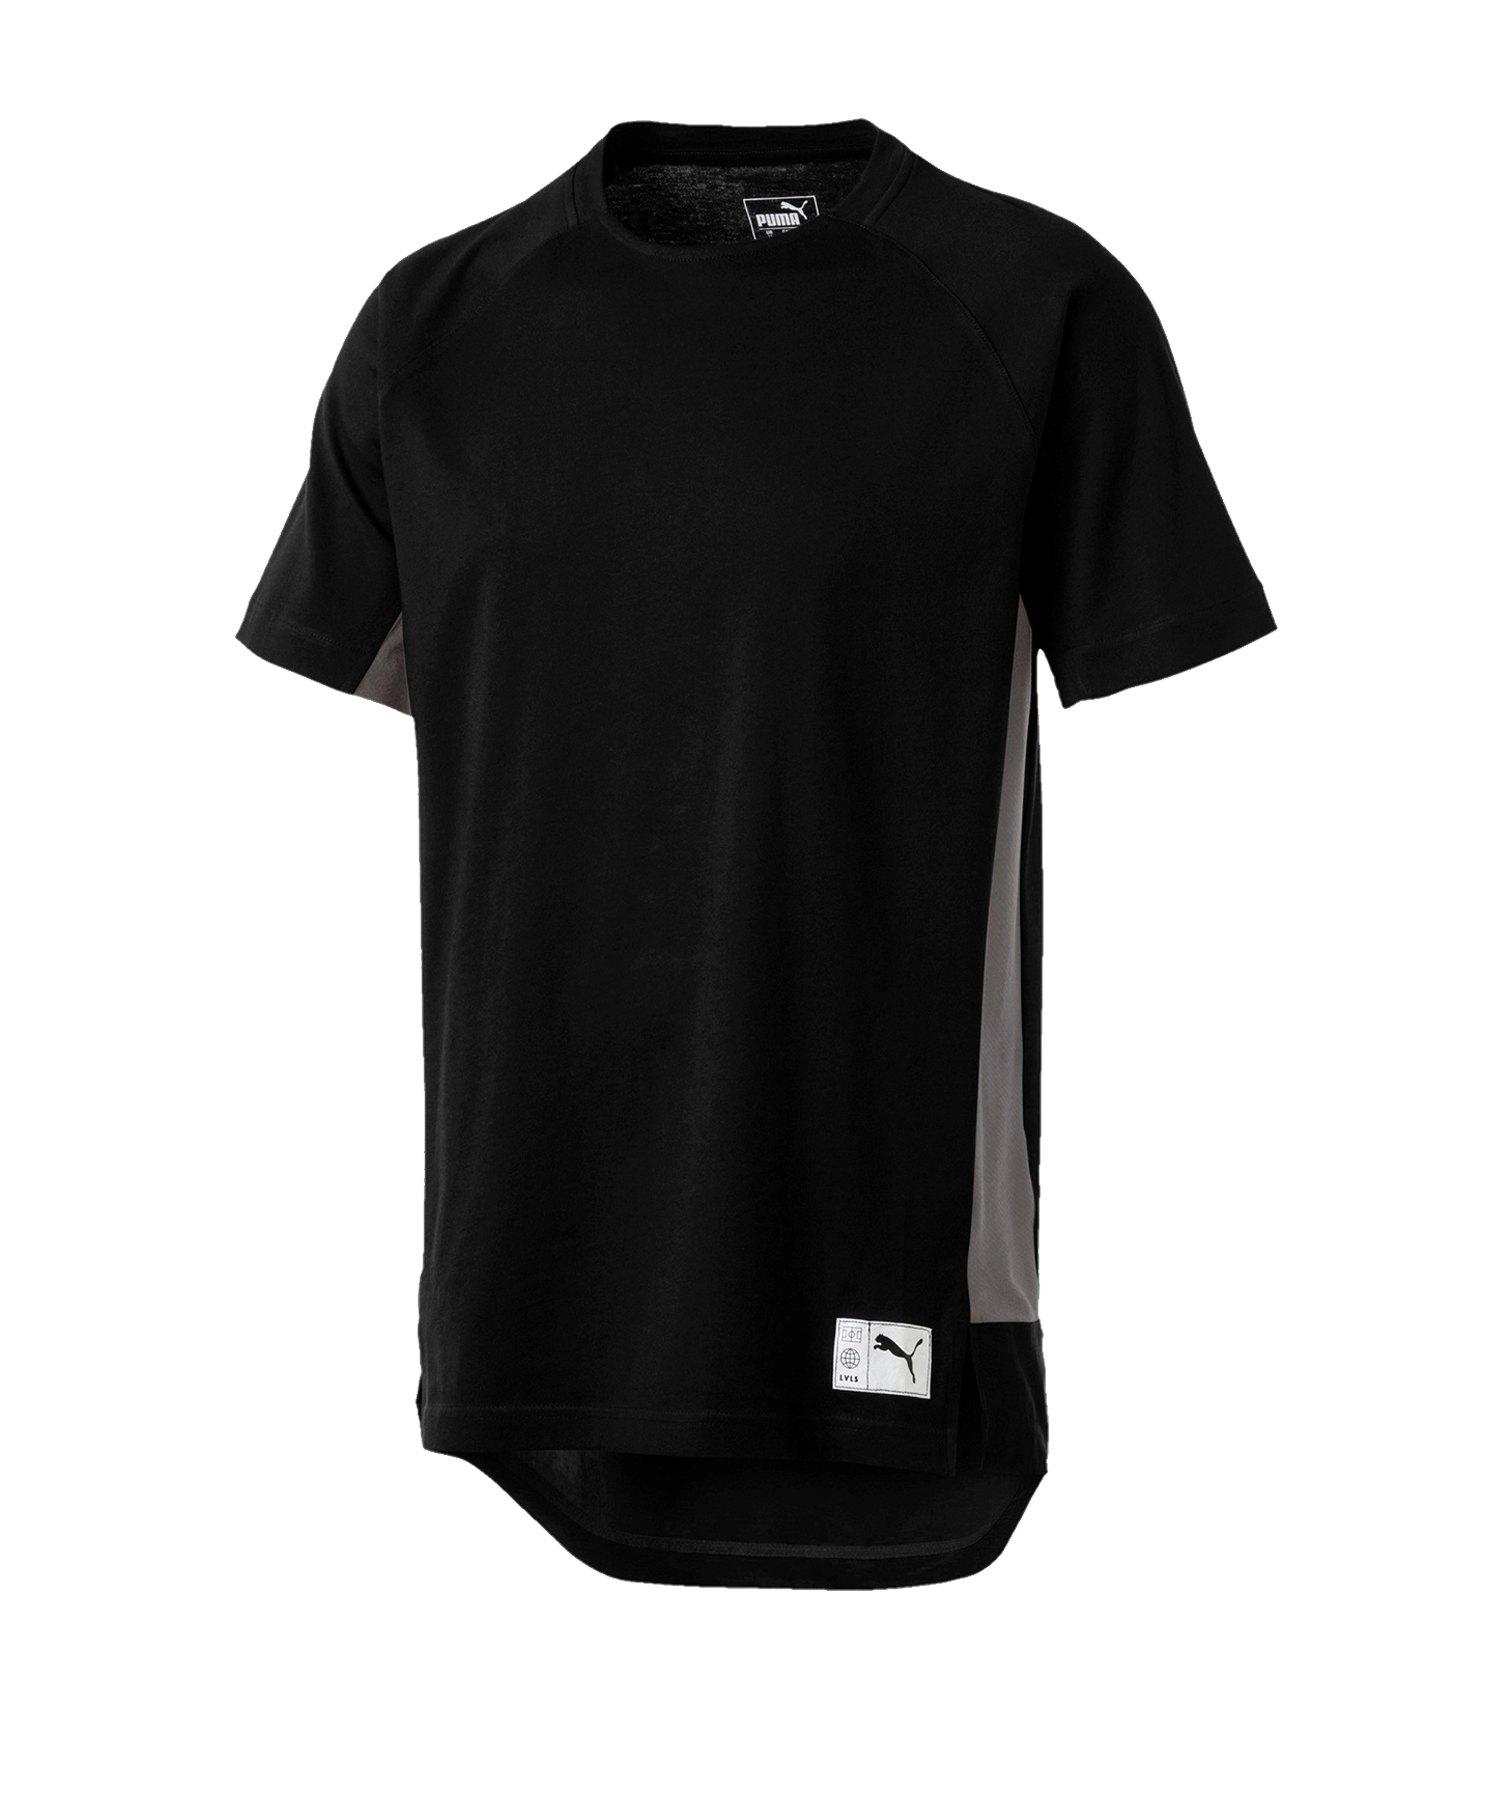 PUMA ftblNXT Casuals Graphic T-Shirt Schwarz F01 - schwarz